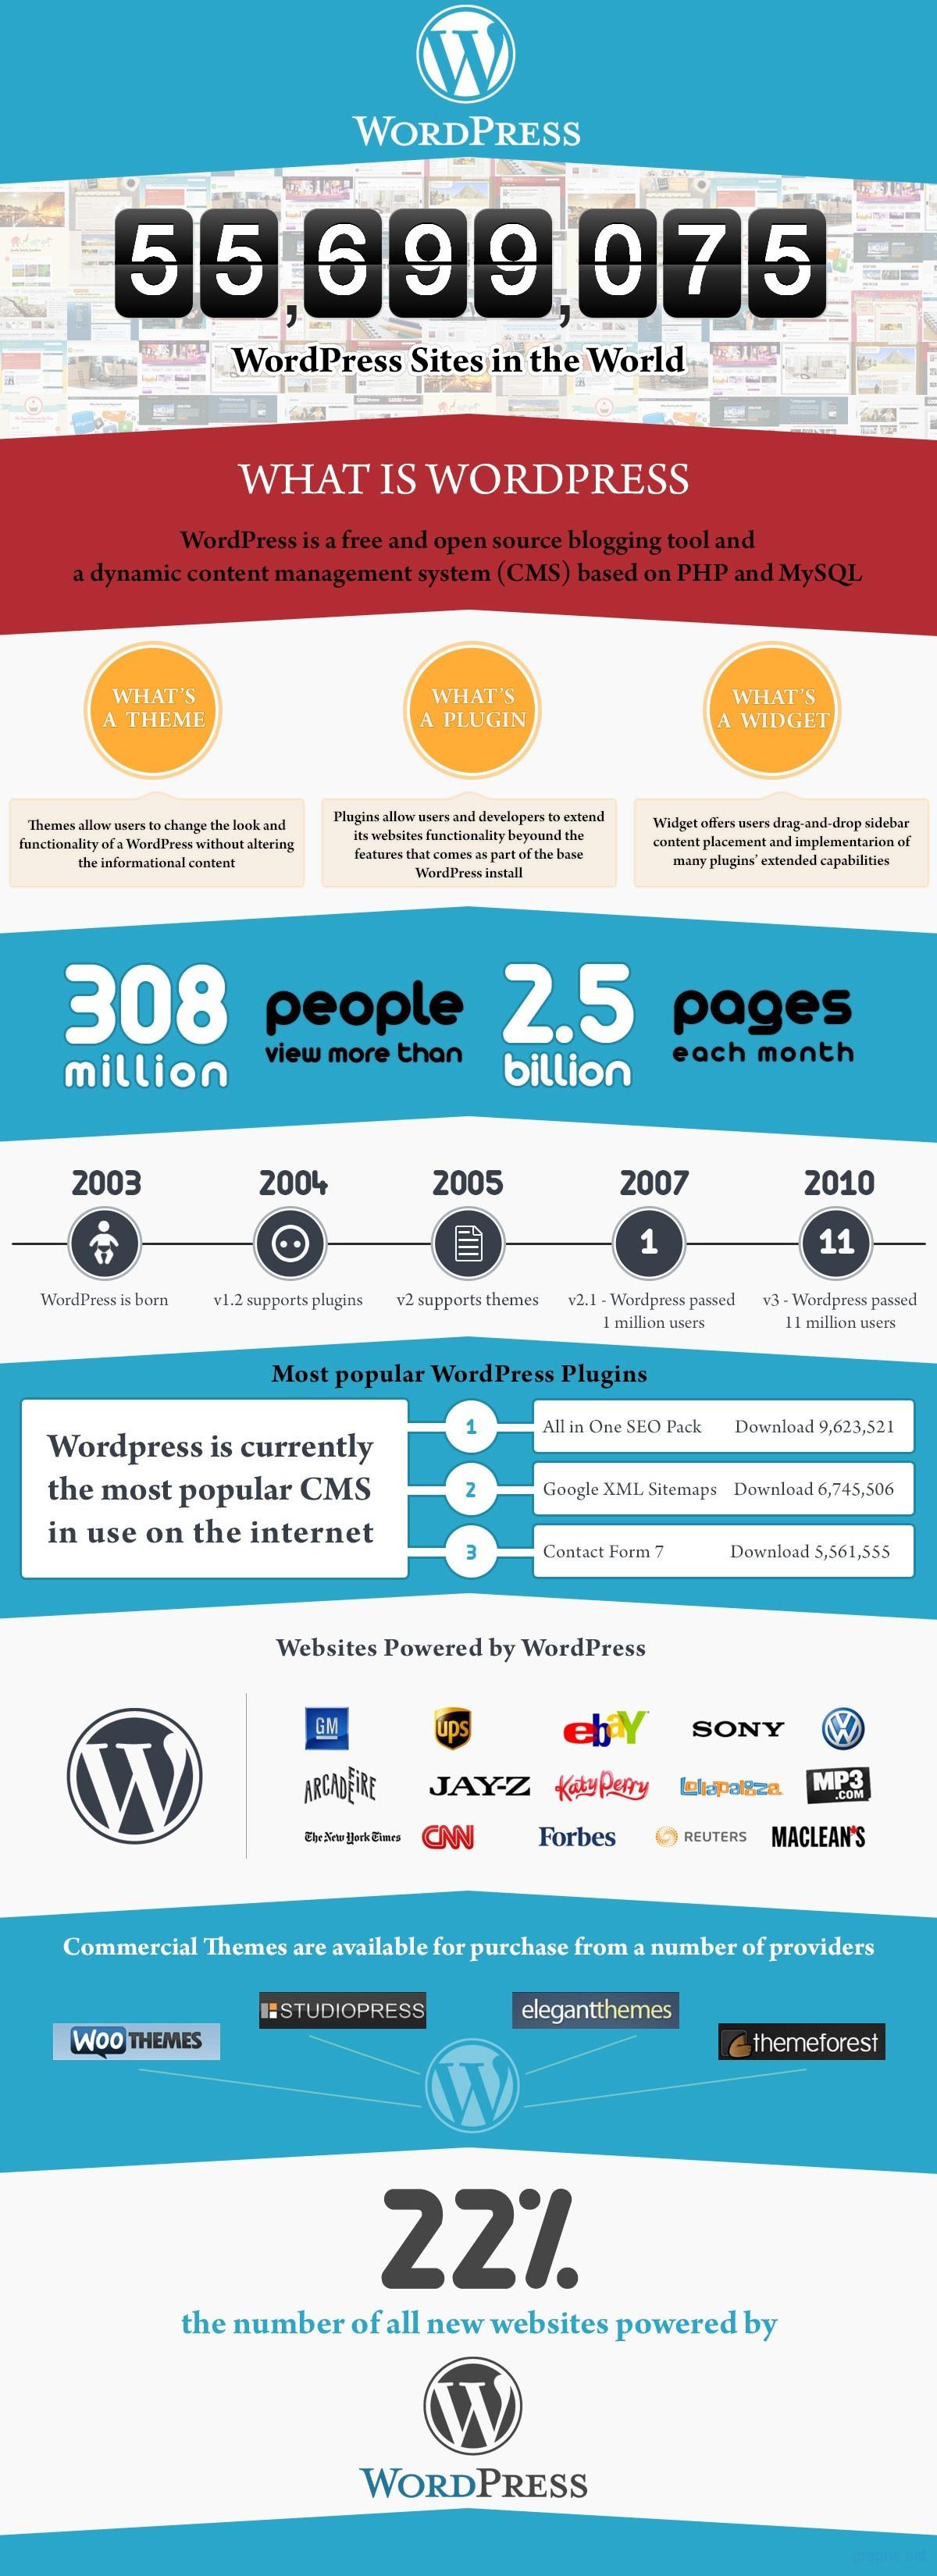 Statistics of Wordpress